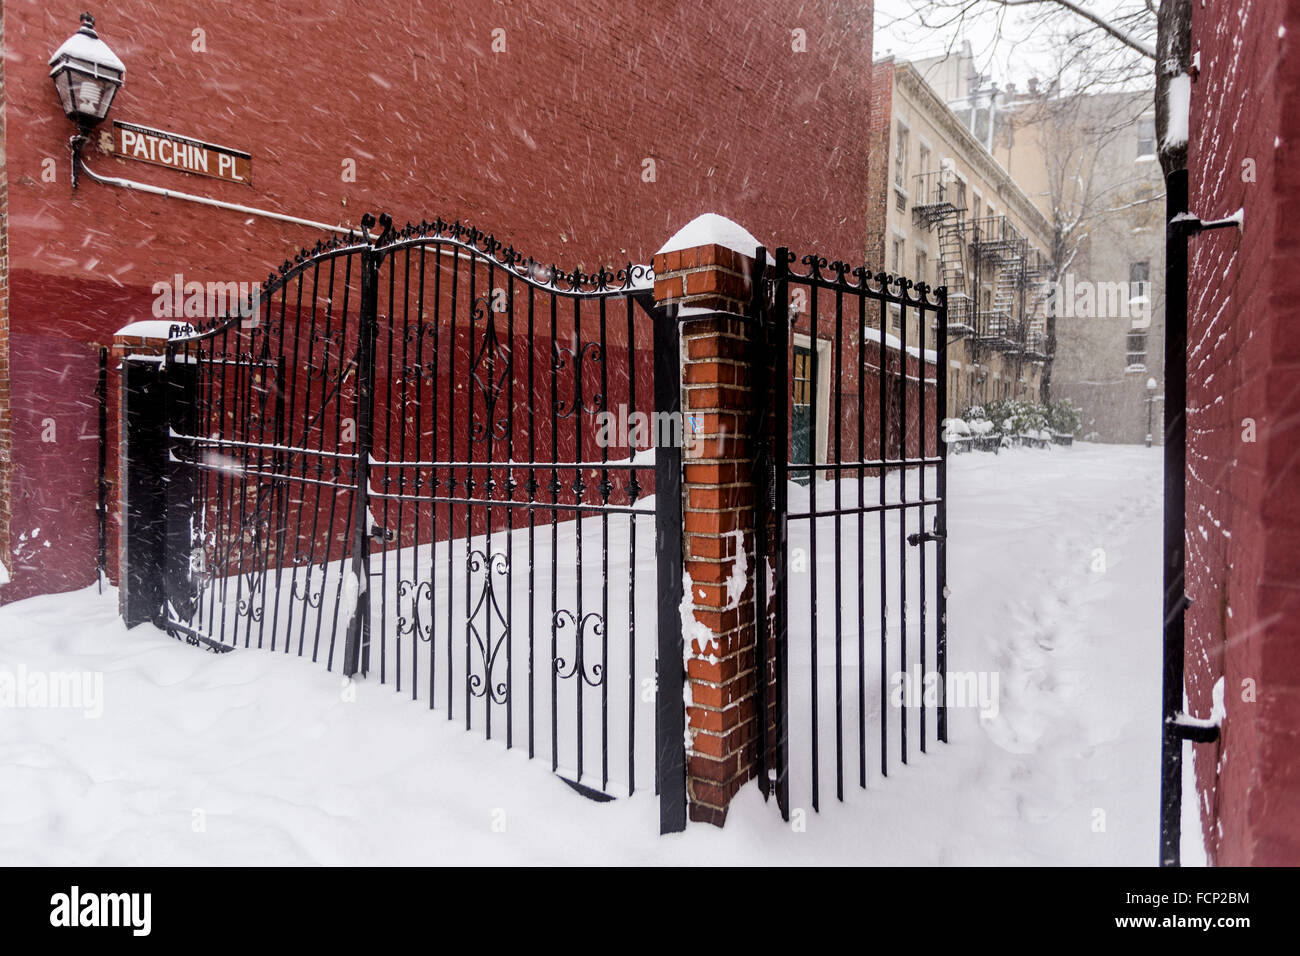 New York, NY 23 January 2016 Winter Storm Jonas hits New York City. New York Governor Andrew Cuomo and NYC Mayor - Stock Image